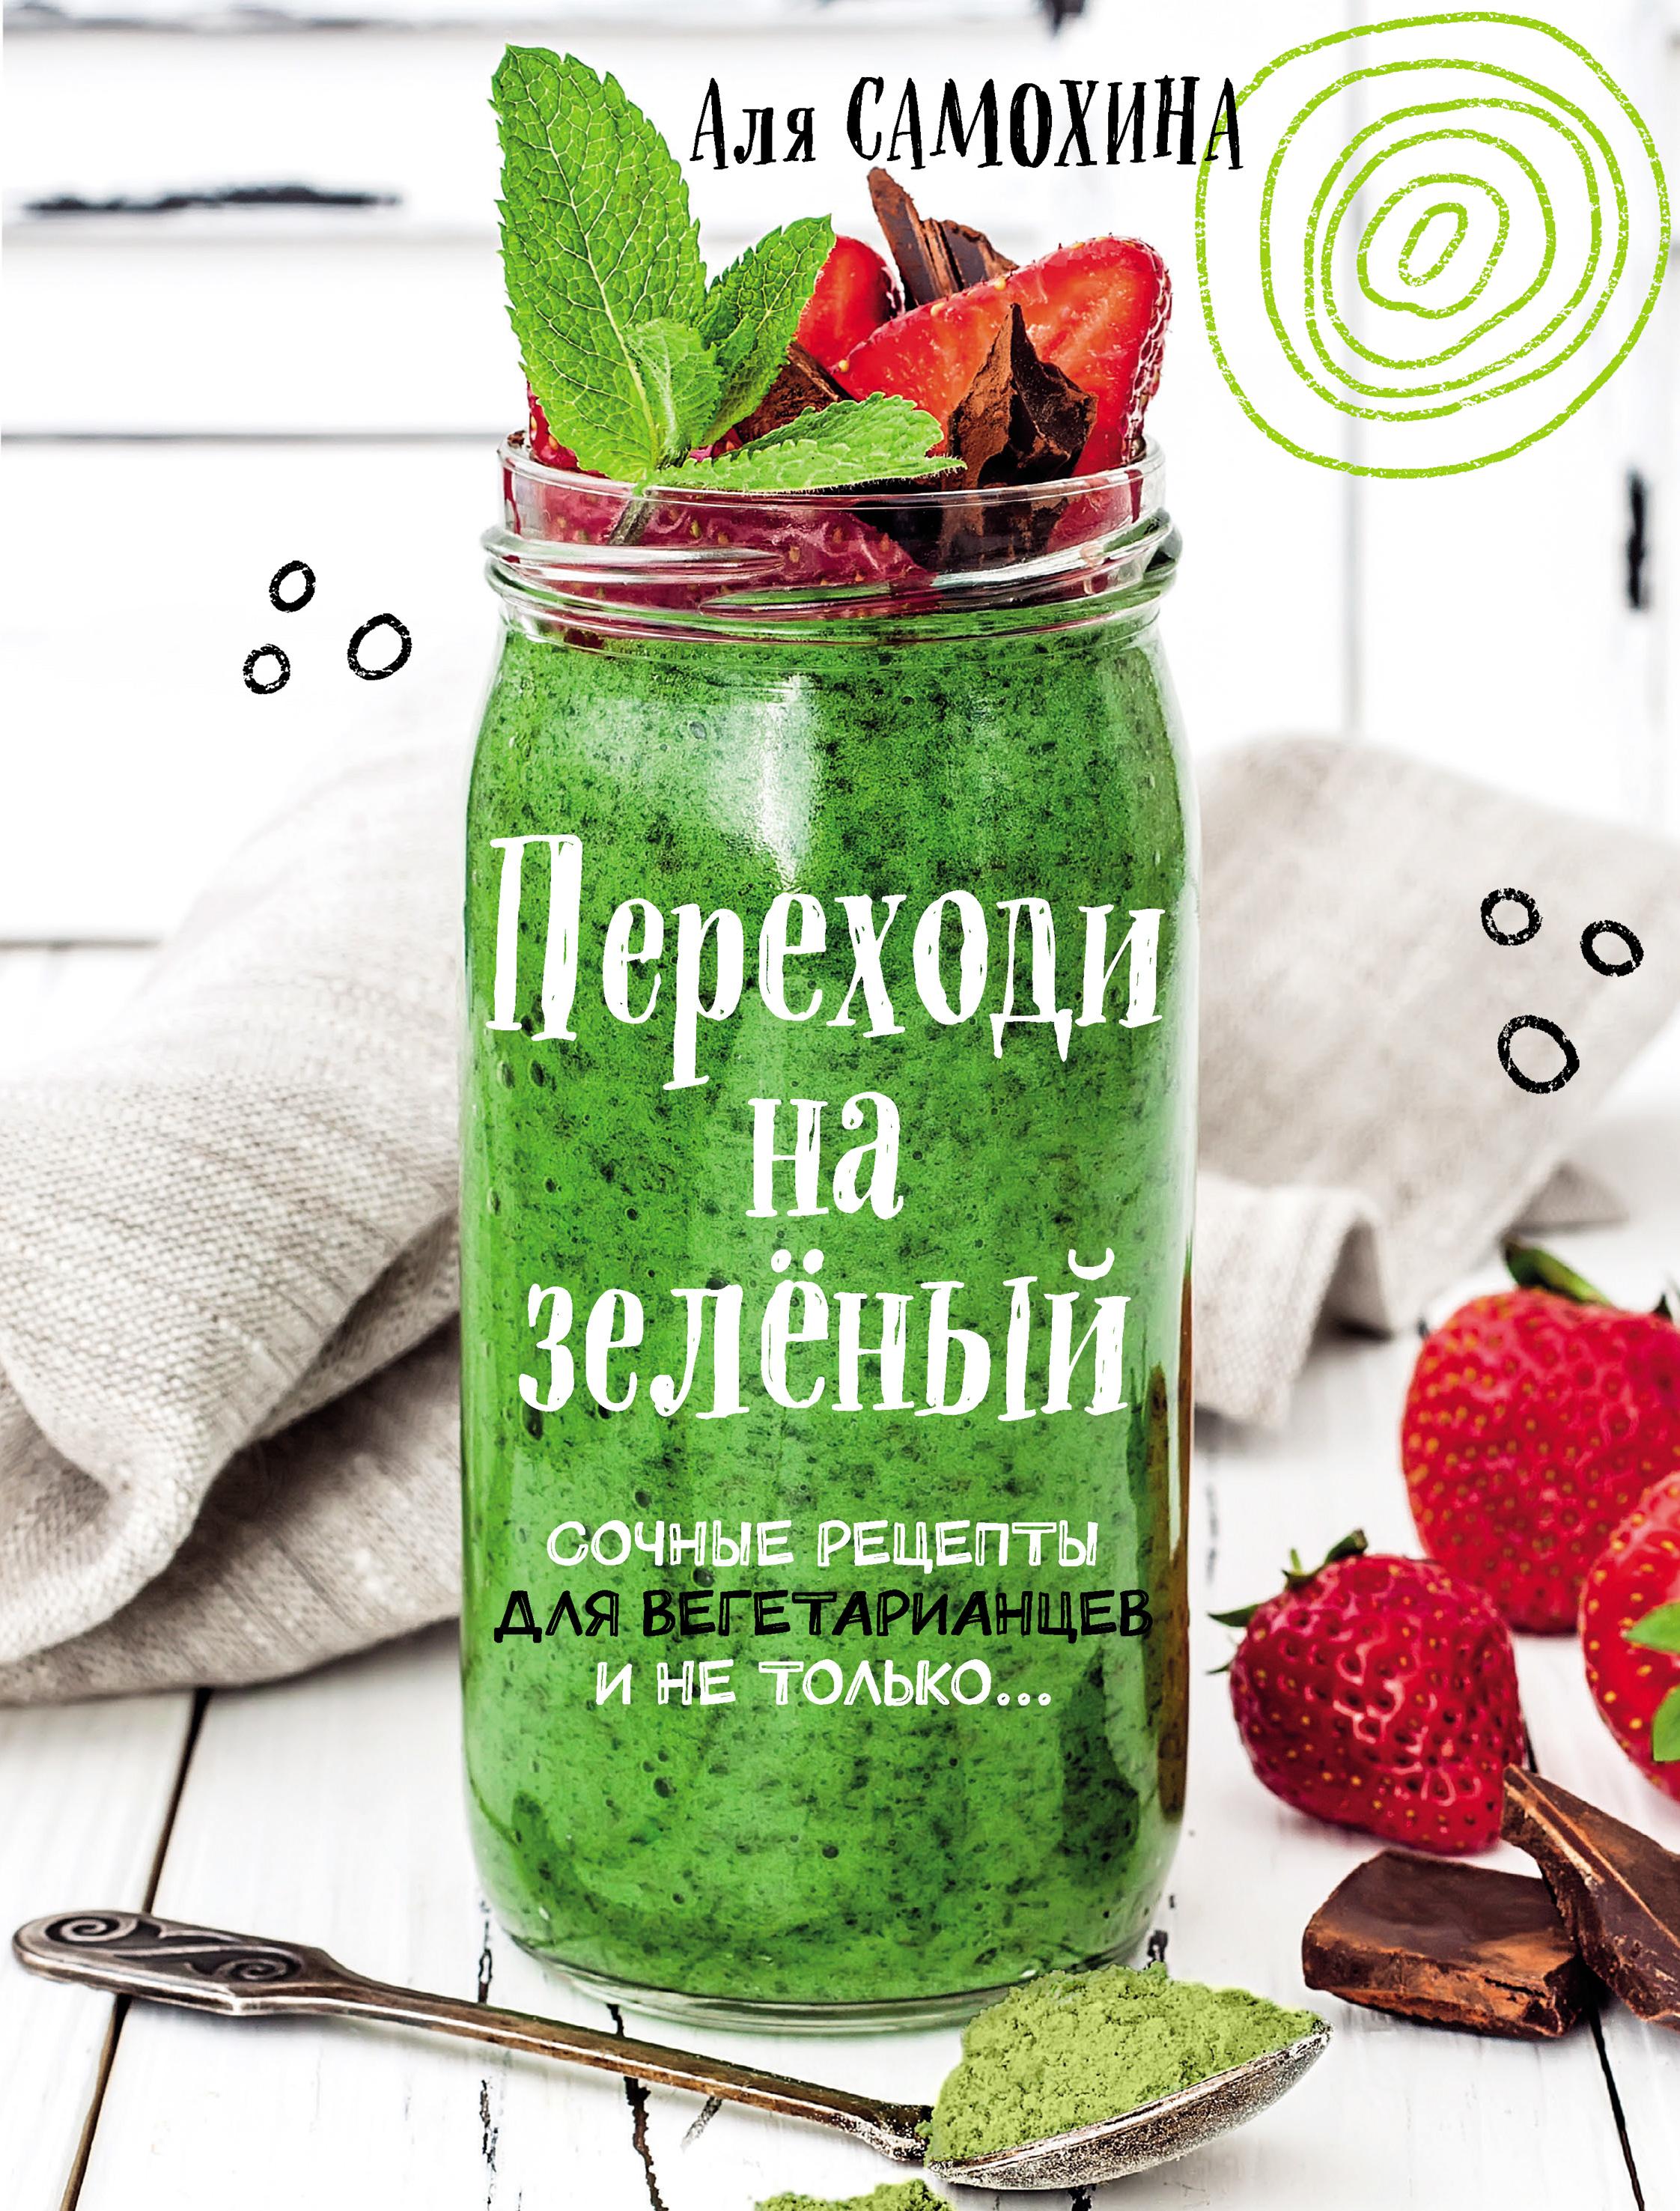 Переходи на зеленый. Яркие и сочные рецепты для вегетарианцев и не только